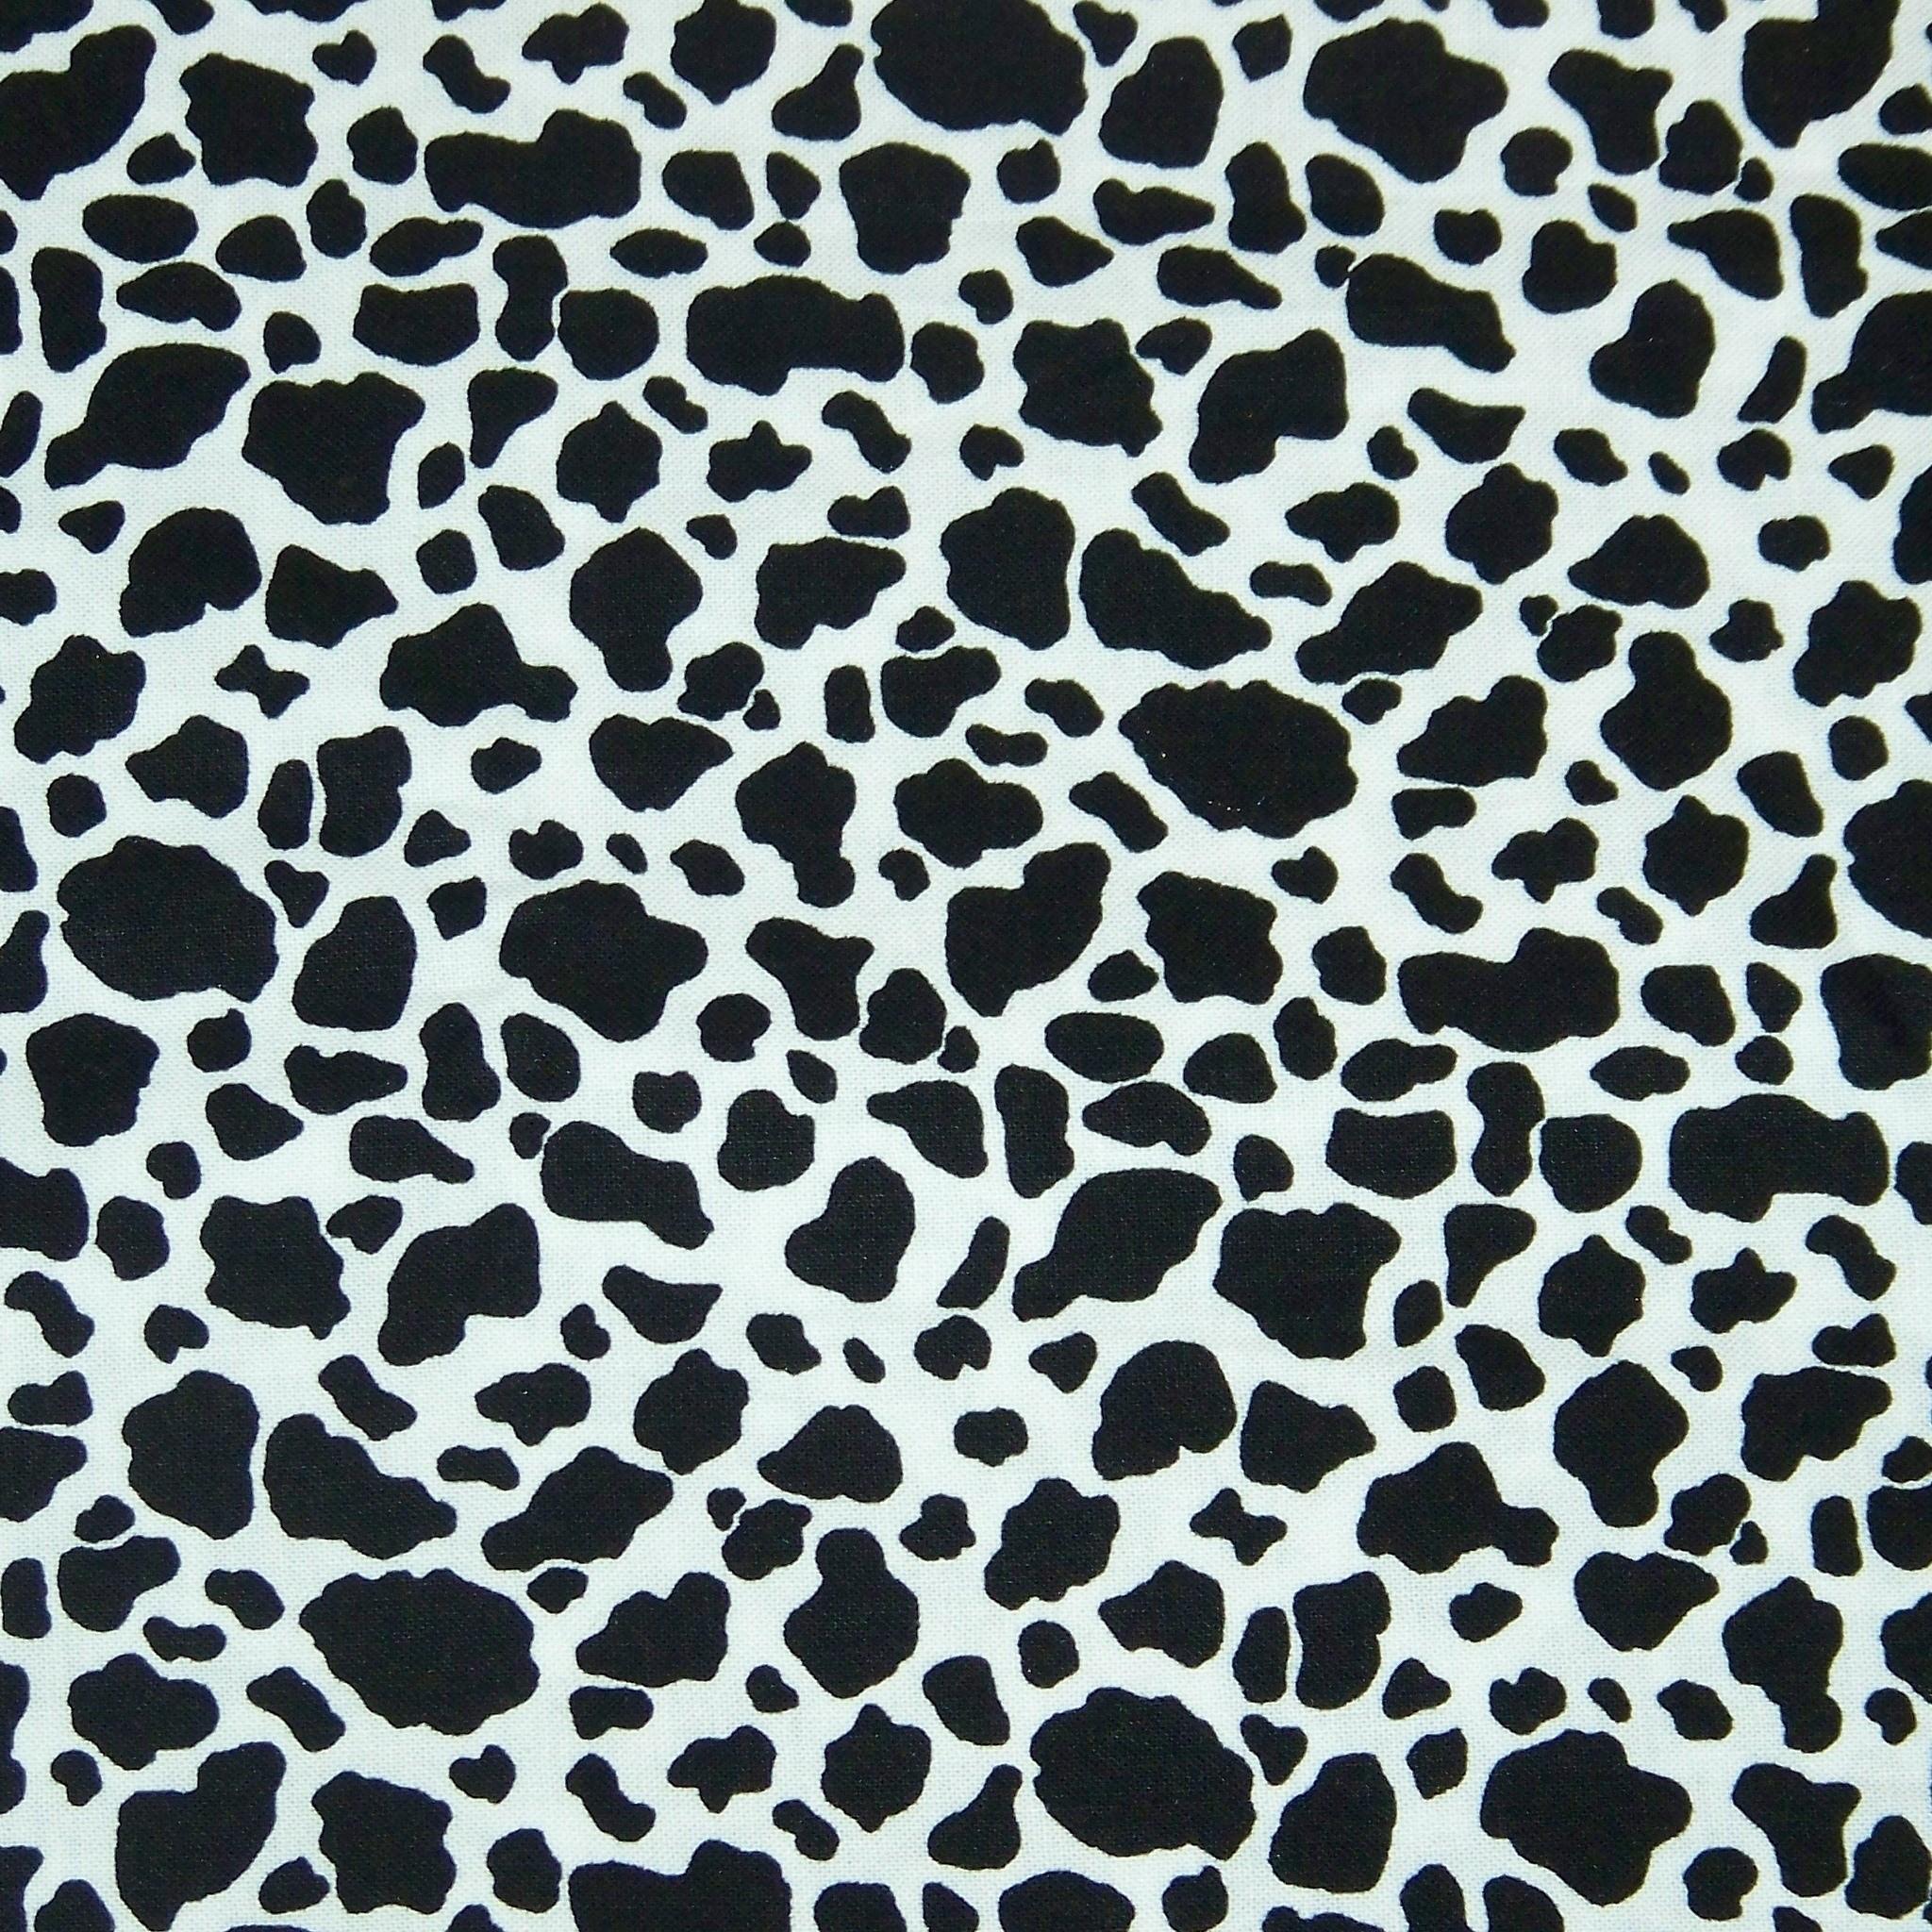 [49+] Cow Print Wallpaper on WallpaperSafari